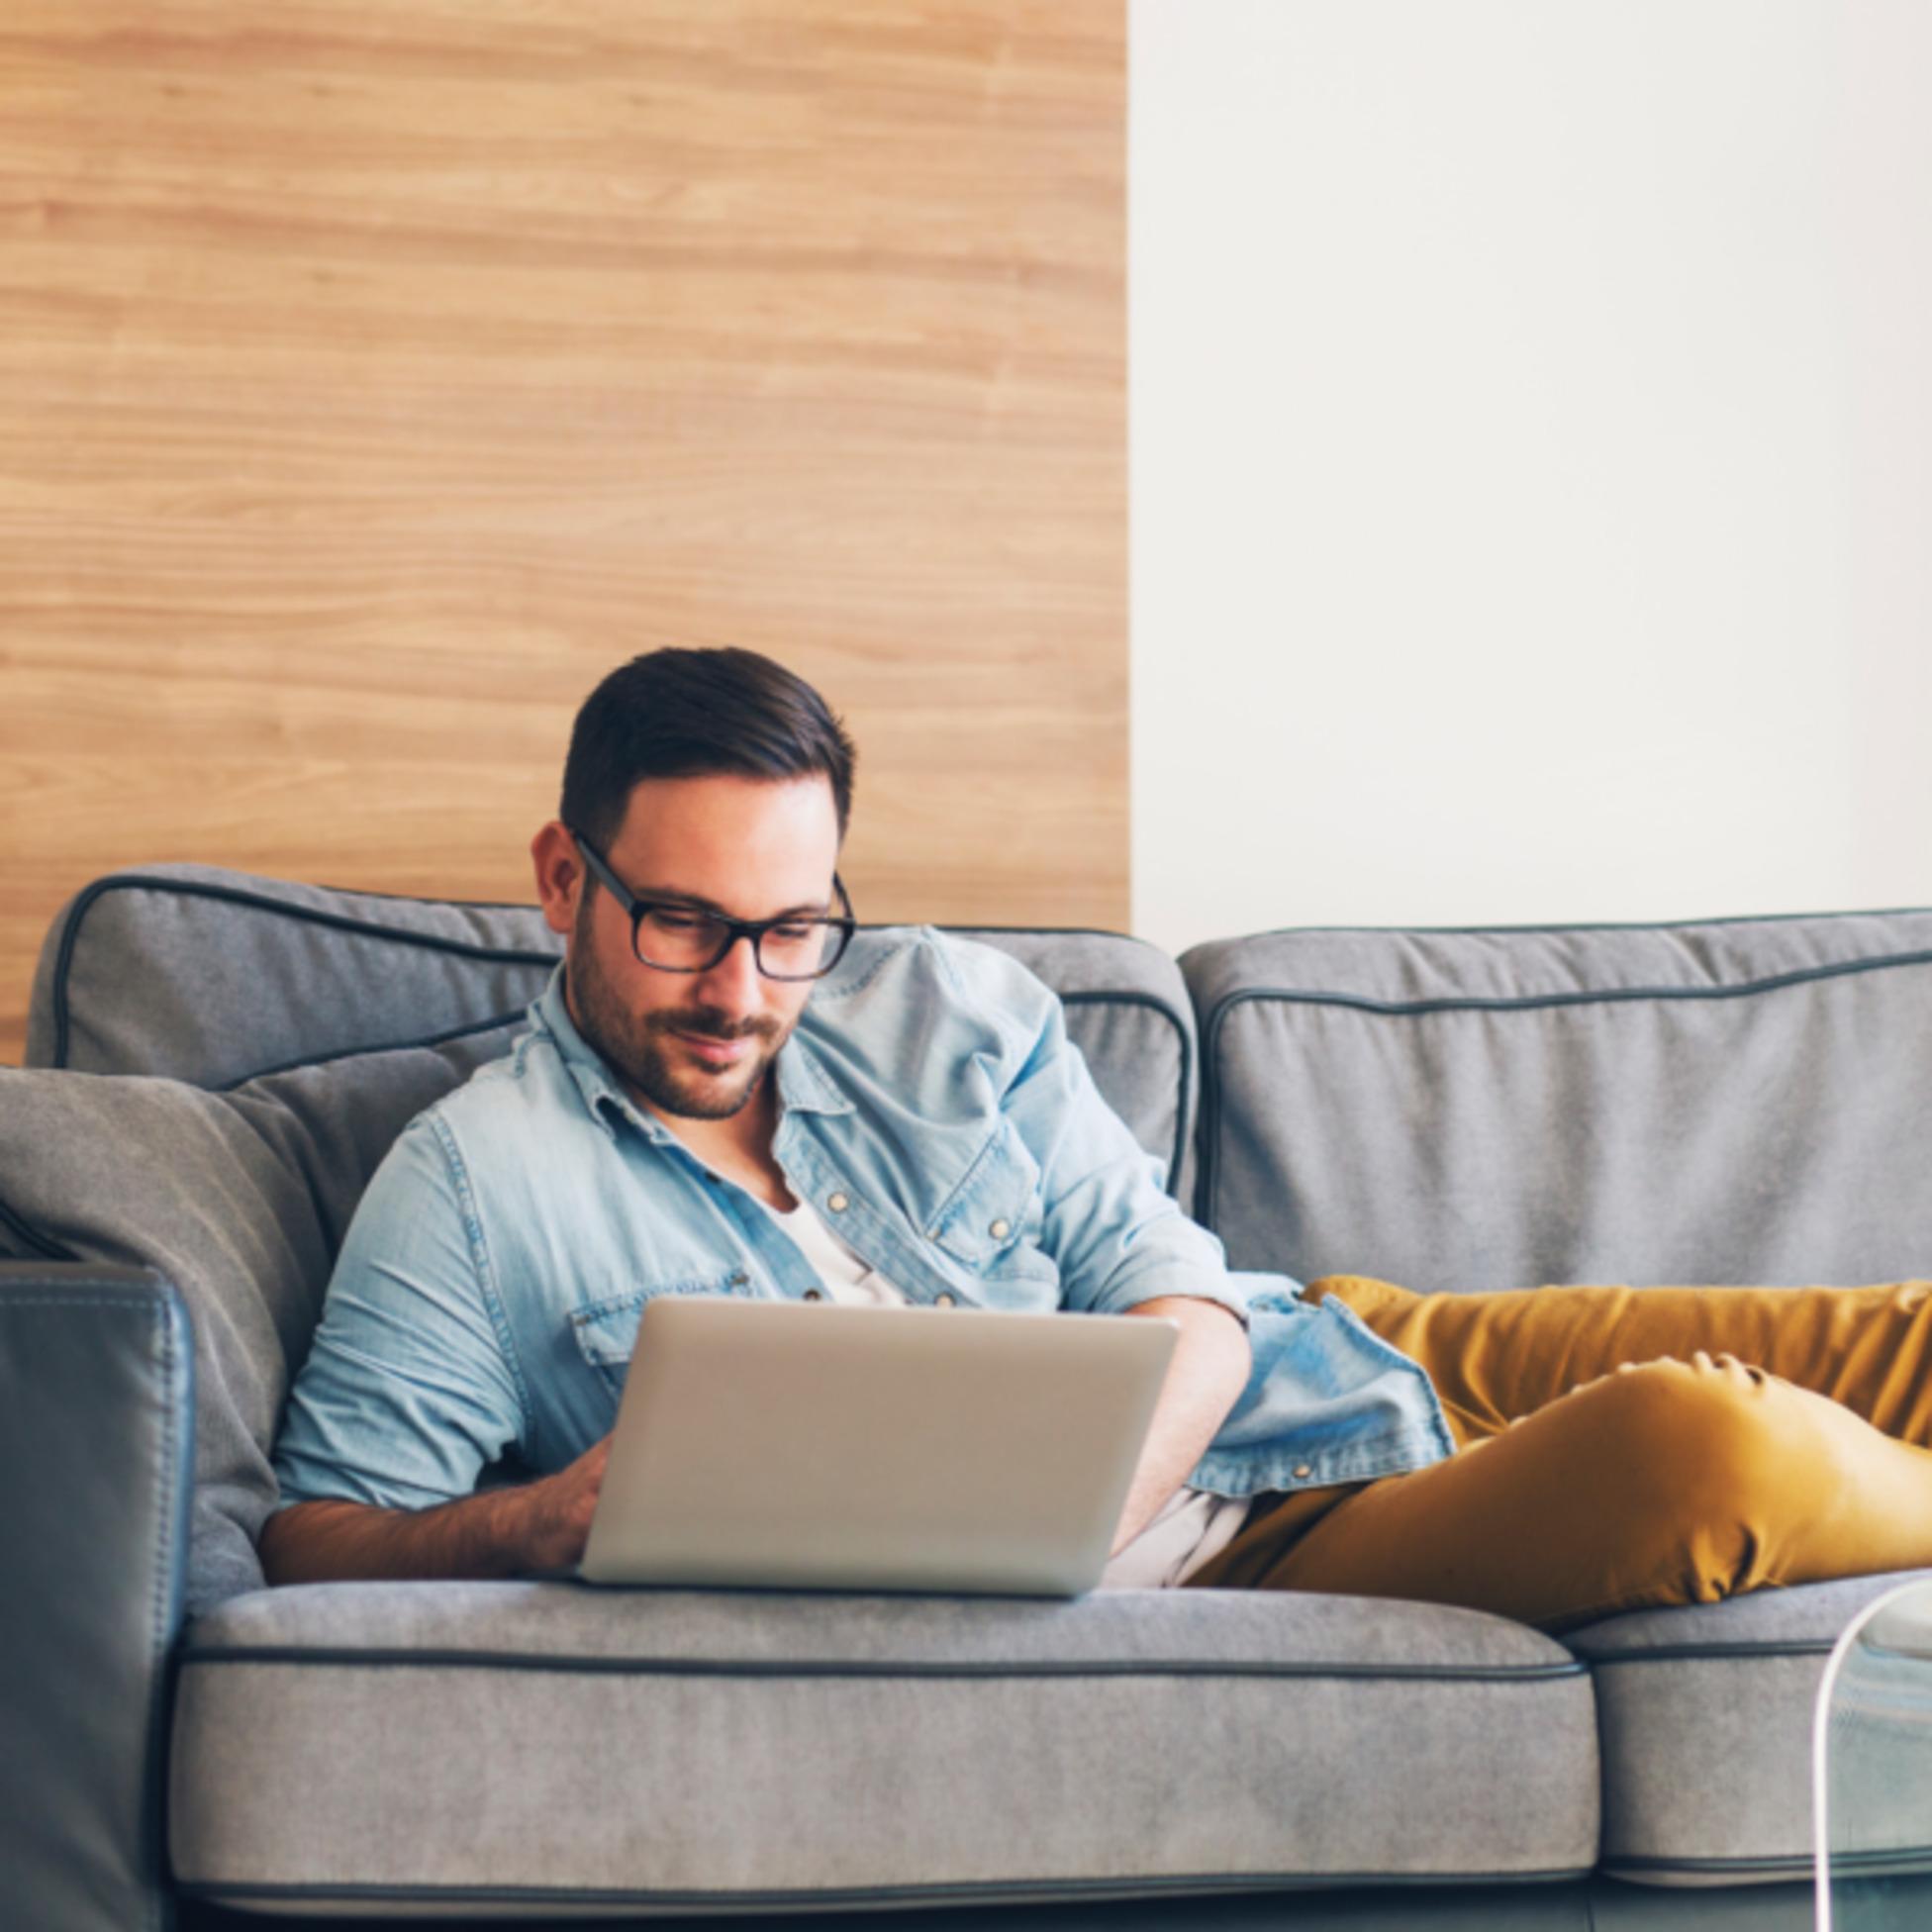 Mann mit Laptop auf Couch